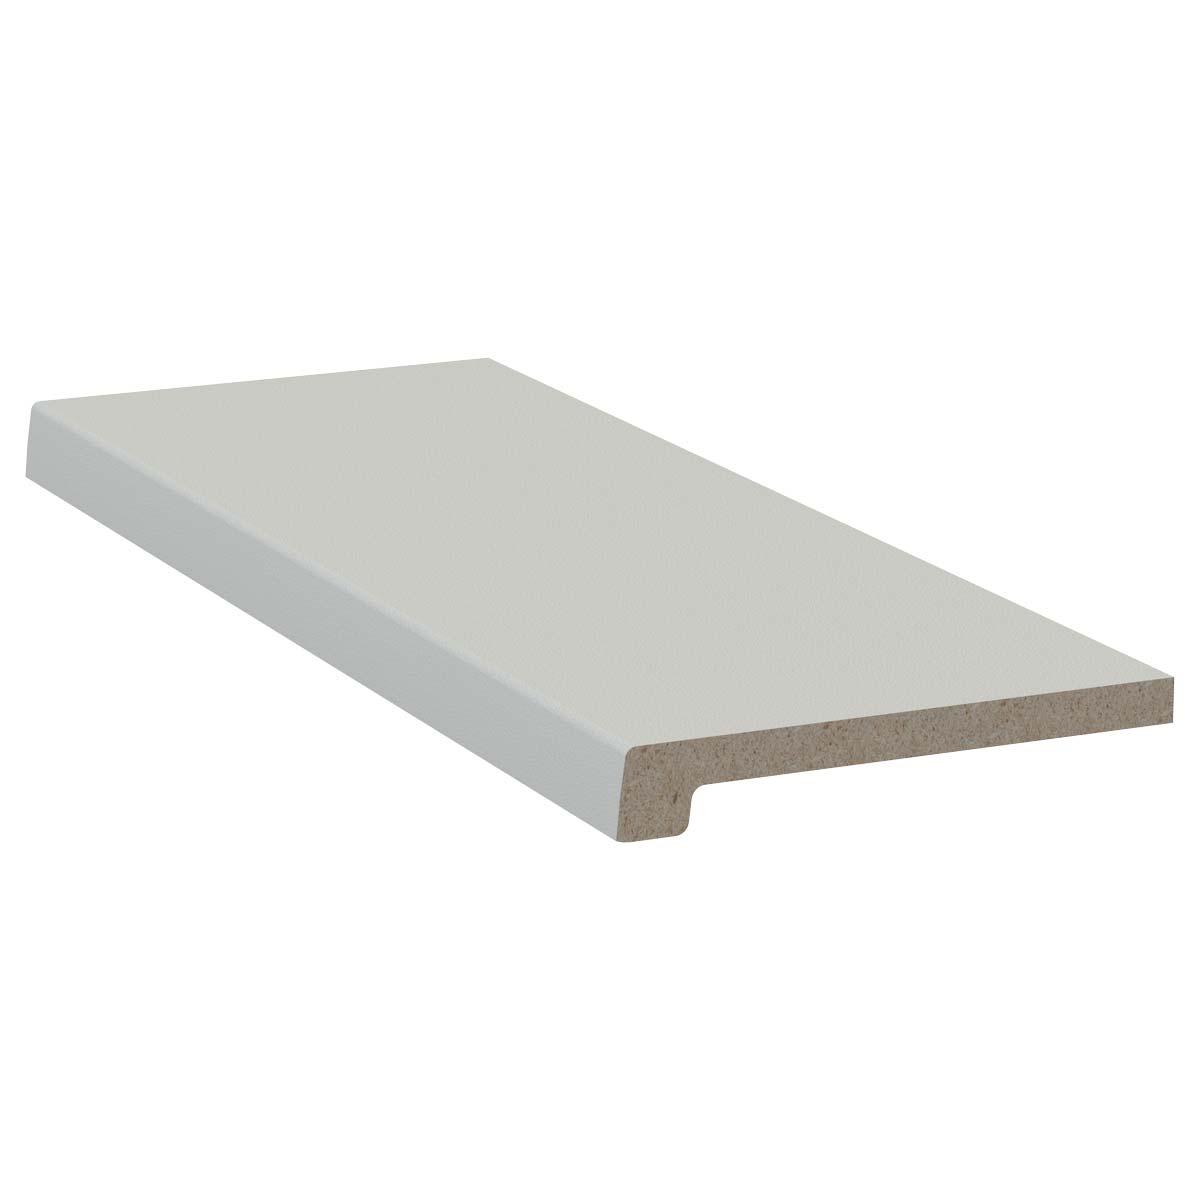 exclusiv 418 - https://www.werzalit.com/fr/produit/exclusiv-appui-de-fenetre-interieur-longueur-6-000-mm-largeur-550-mm-decor-418-hellgrau/